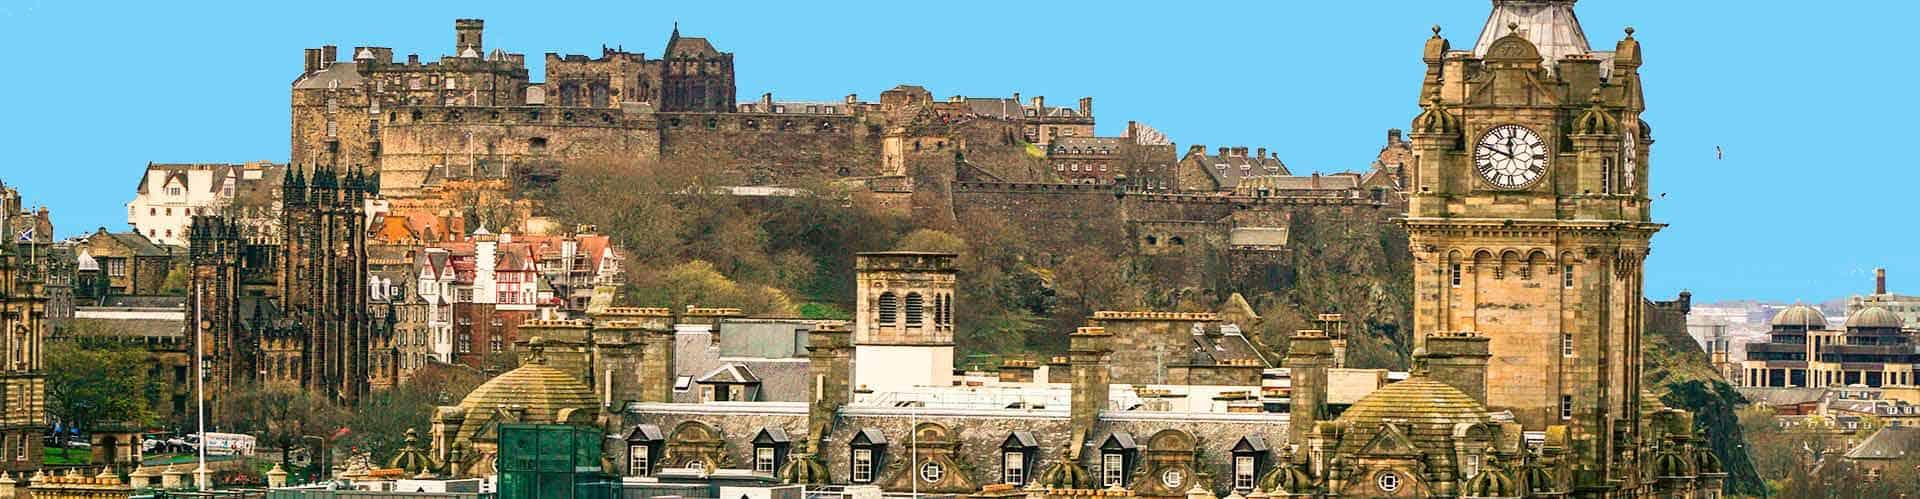 free tour Edimburgo – turismo Reino Unido